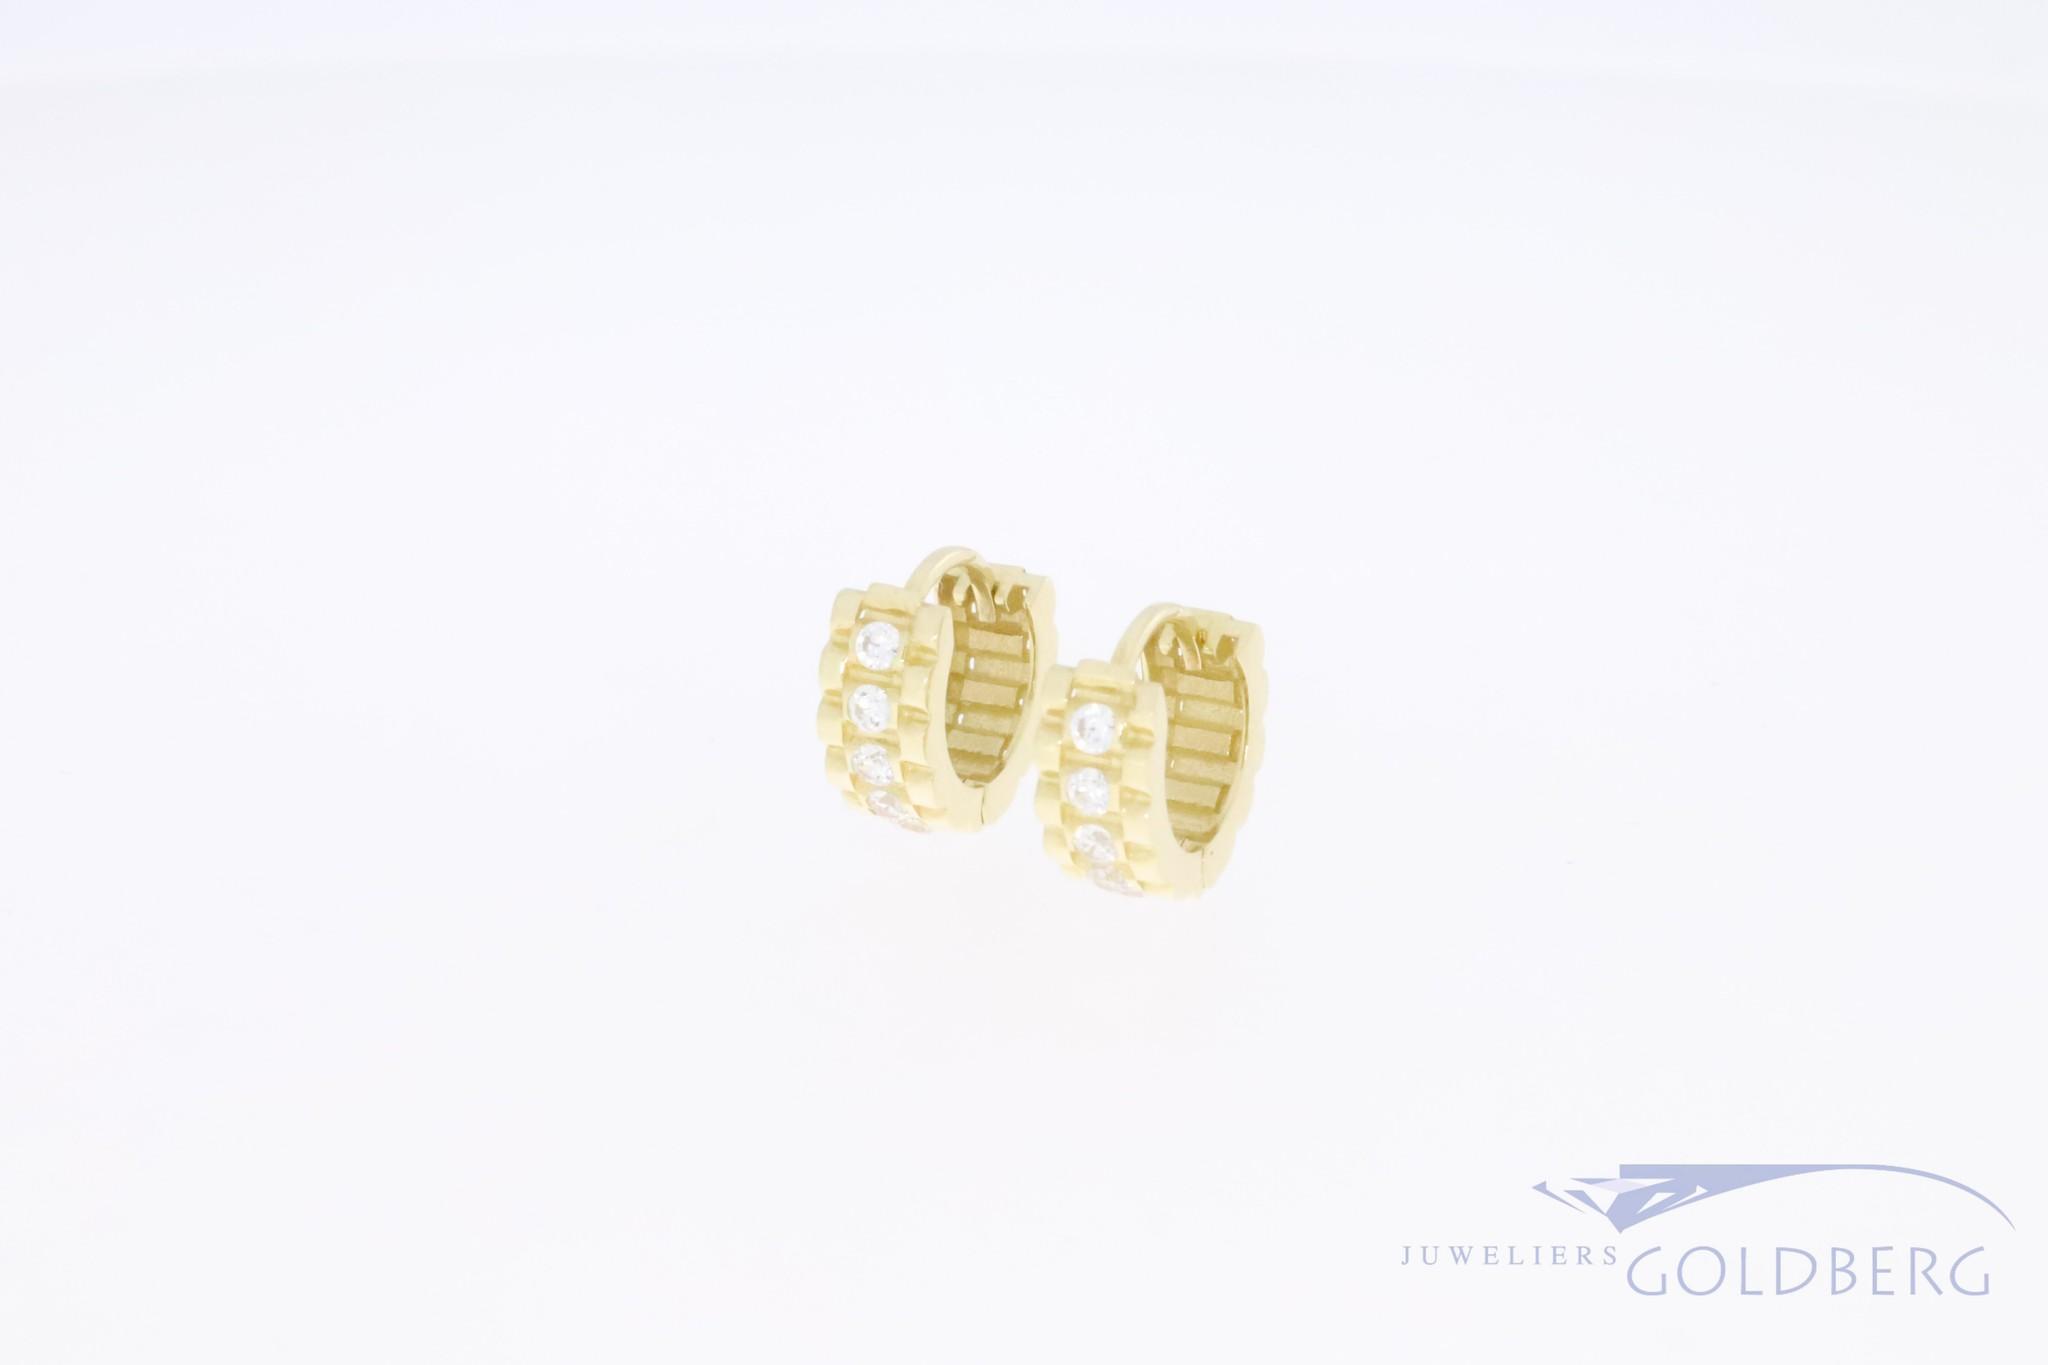 Stevige 14k gouden retro klapcreolen met zirconia's